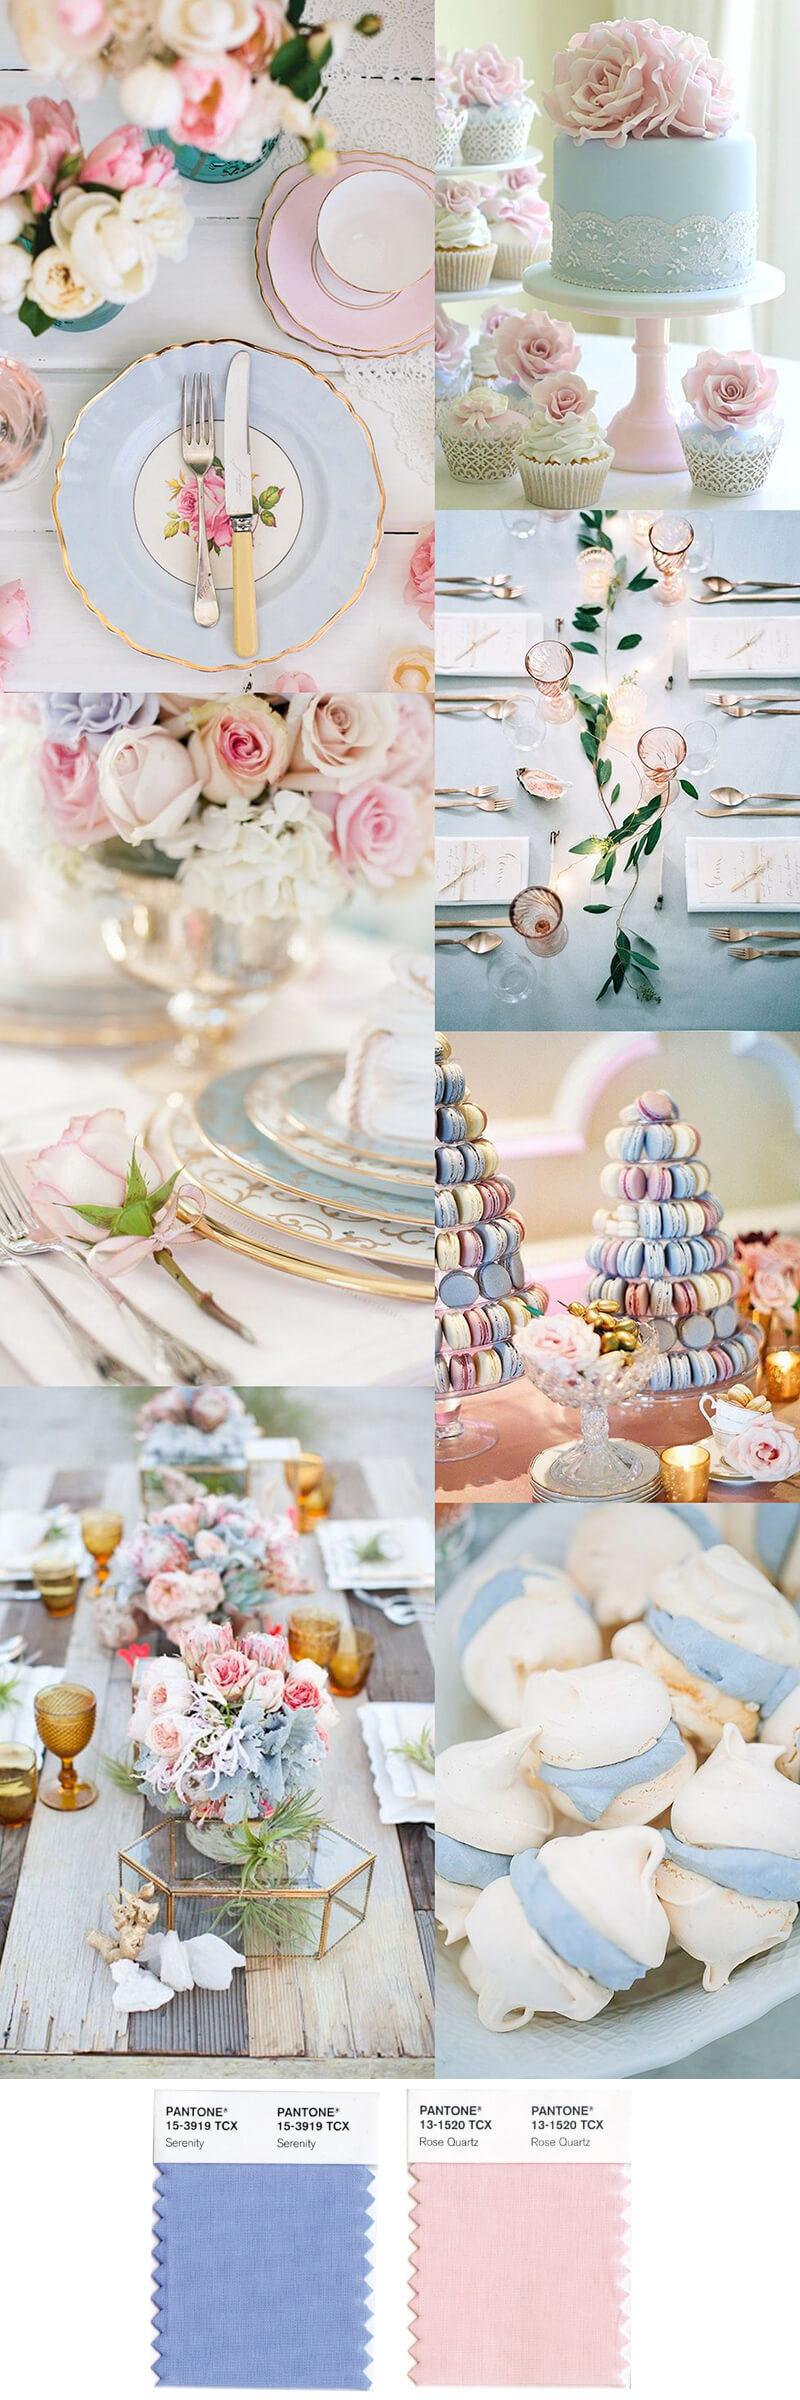 pantone-rose-quartz-serenity-party-tablescape-inspiration-pizzazzerie